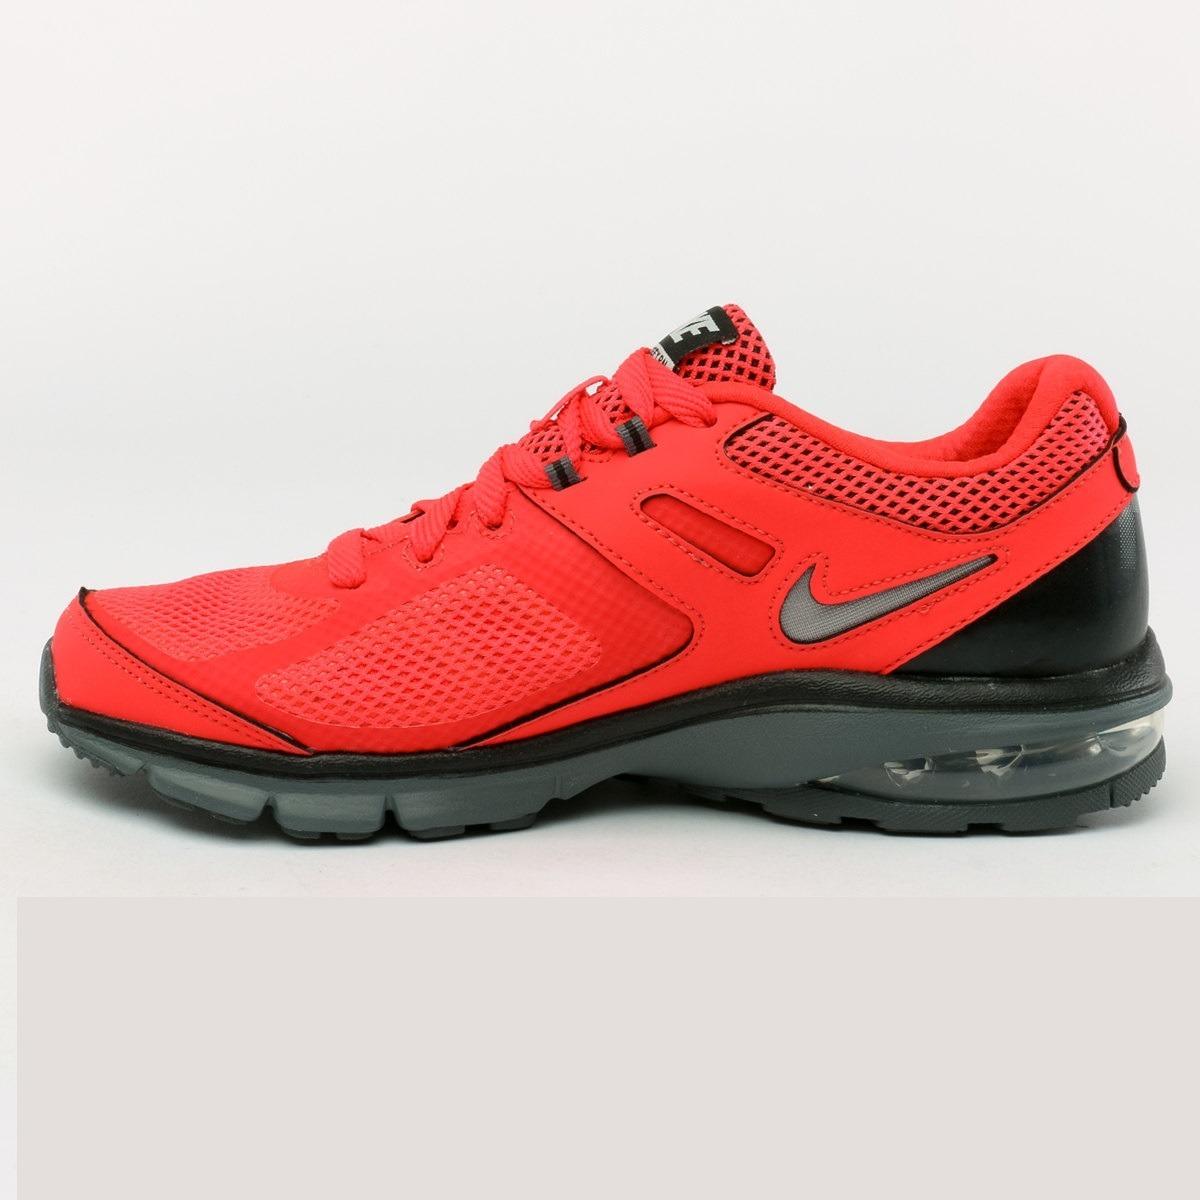 Zapatilla Nike Air Max Defy Rn 599343 602